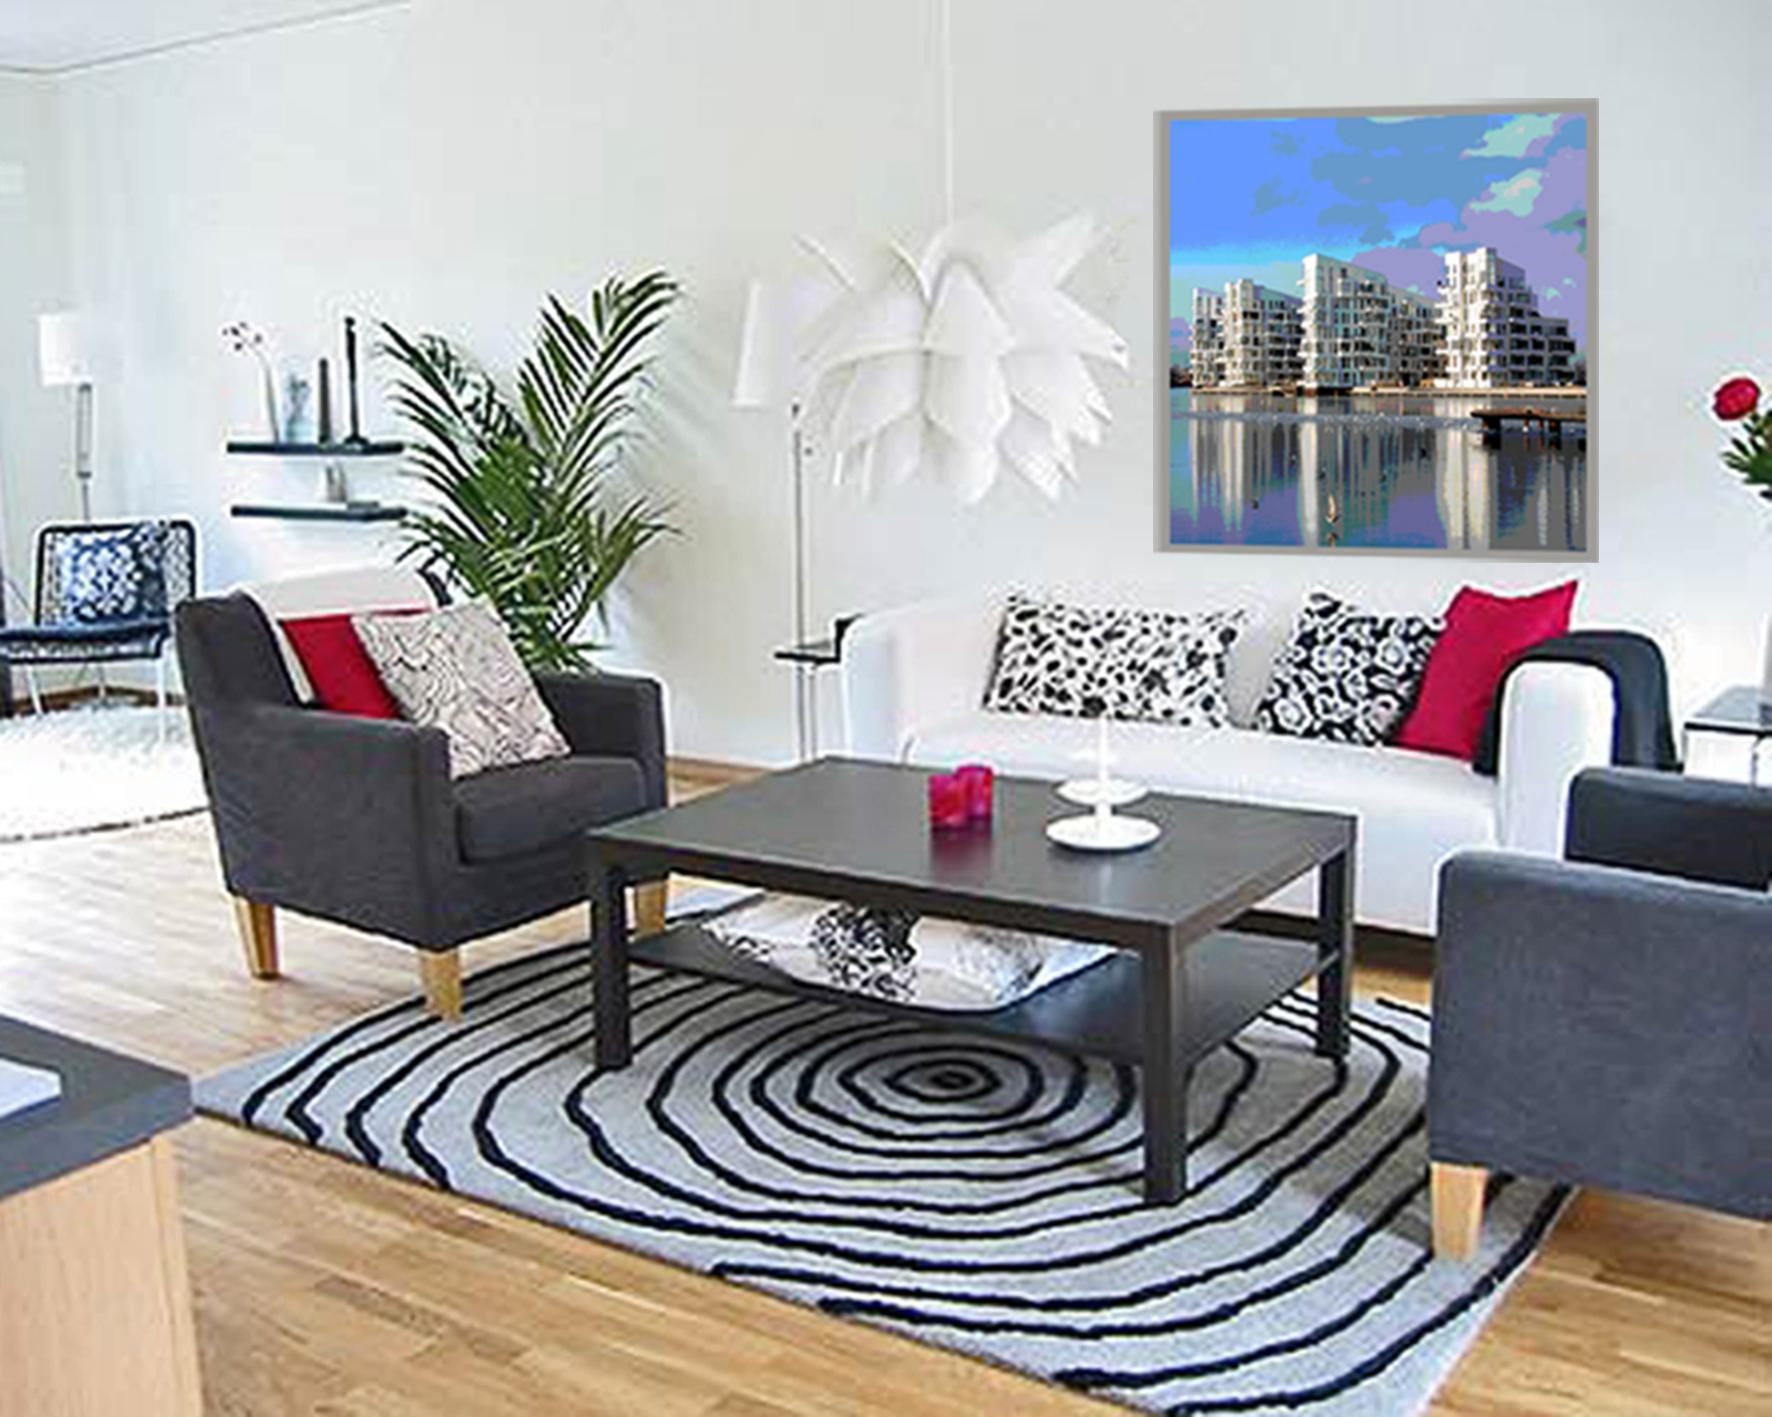 9 Stue med billed af Københavns ny bygniner ved havnefronten